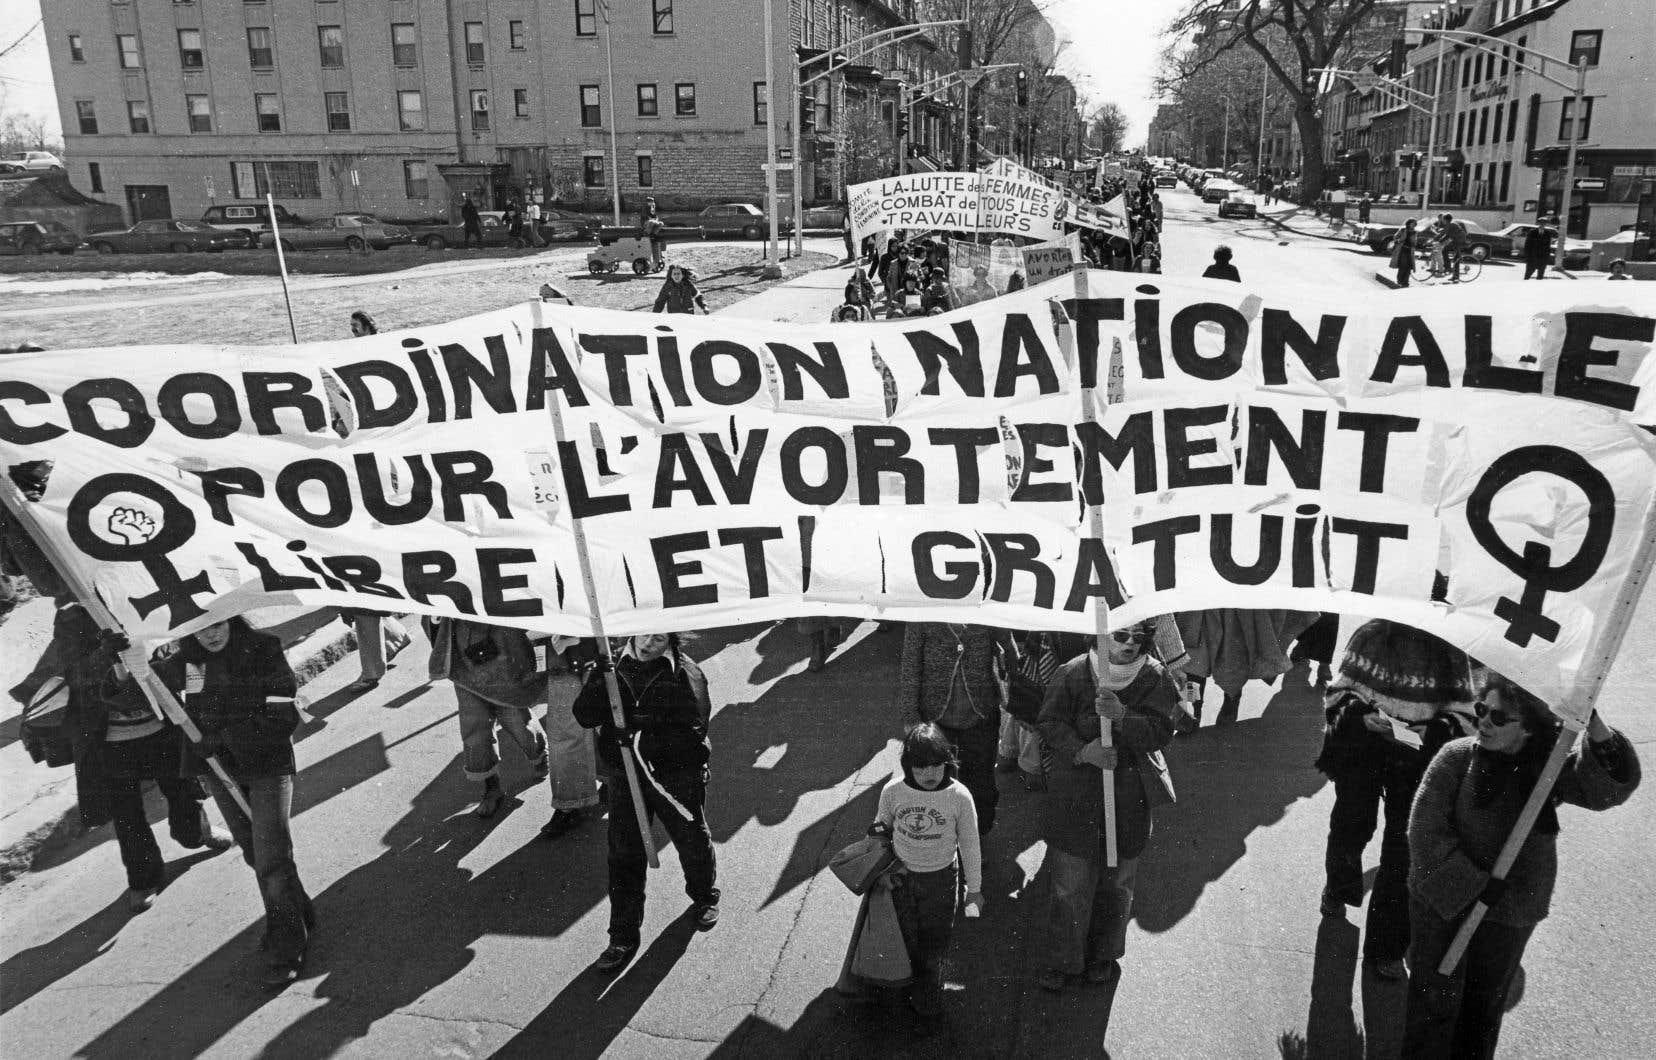 Dans les années suivant la commission, plusieurs organismes de condition féminine sont créés pour donner suite aux recommandations contenues dans le rapport. Sur cette photo, une manifestation à Québec en 1978 avait rassemblé un millier de personnes de tous les coins de la province.